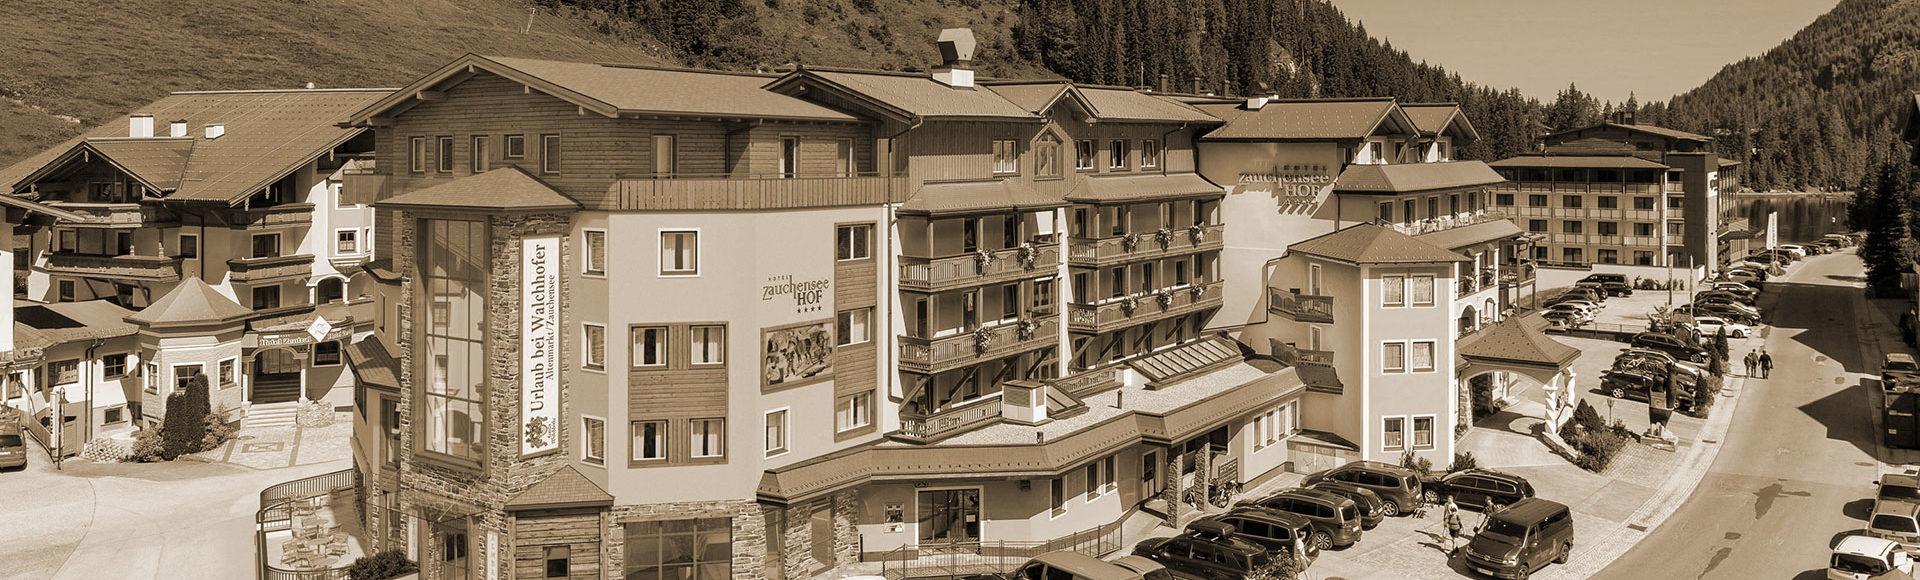 Chronik & Geschichte - Urlaub bei Walchhofer in Zauchensee